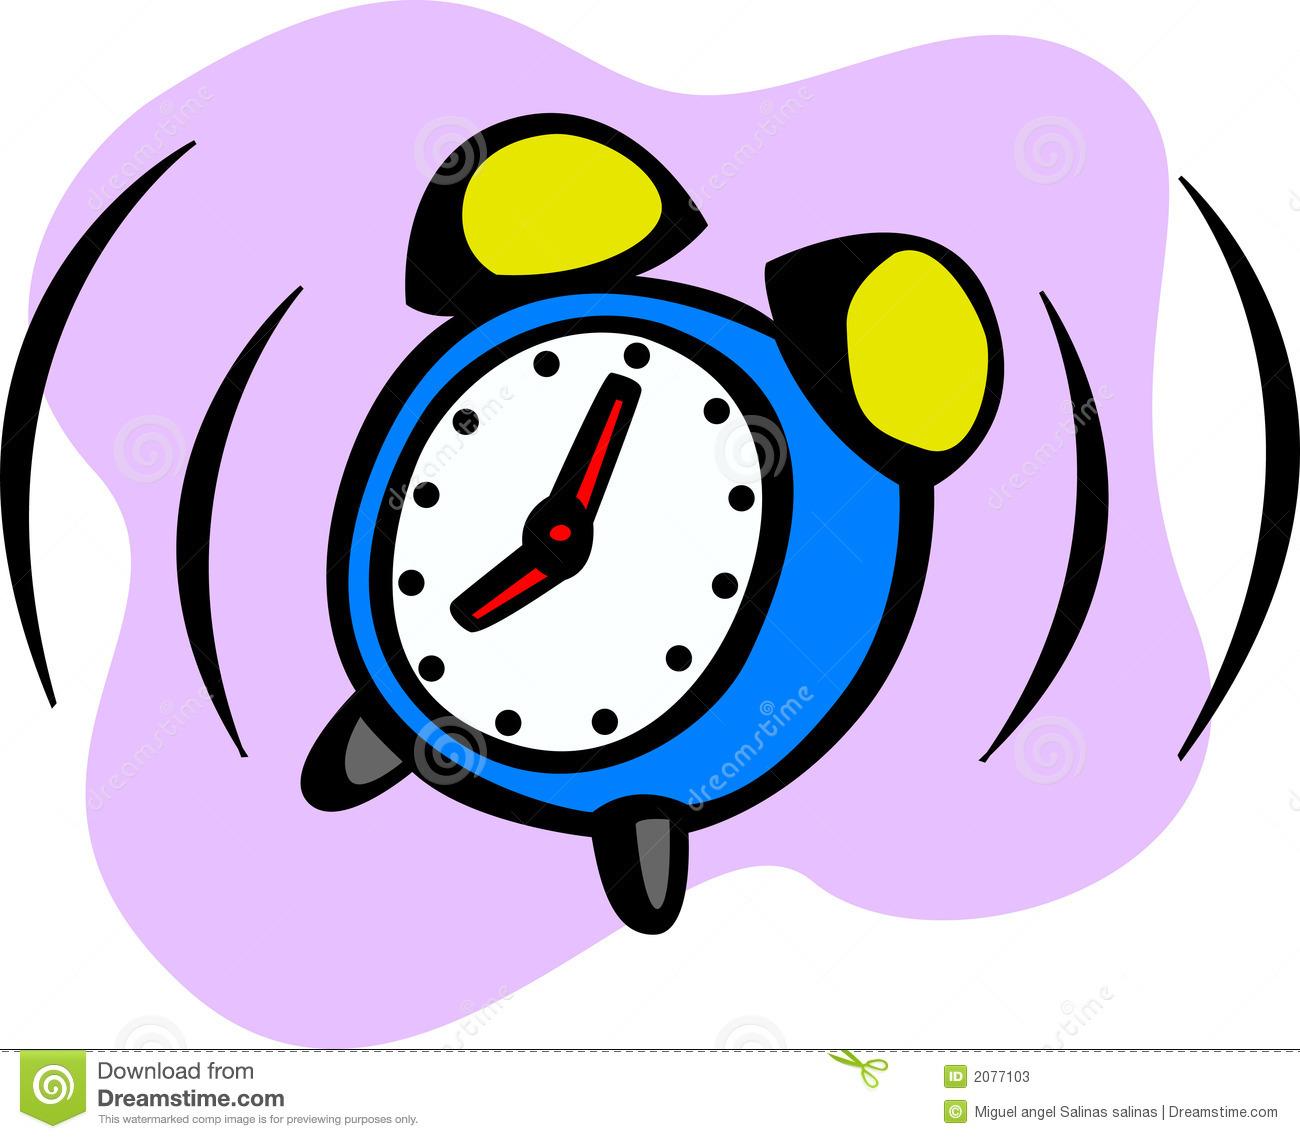 Alarm Clock Ringing Clipart-Alarm Clock Ringing Clipart-6